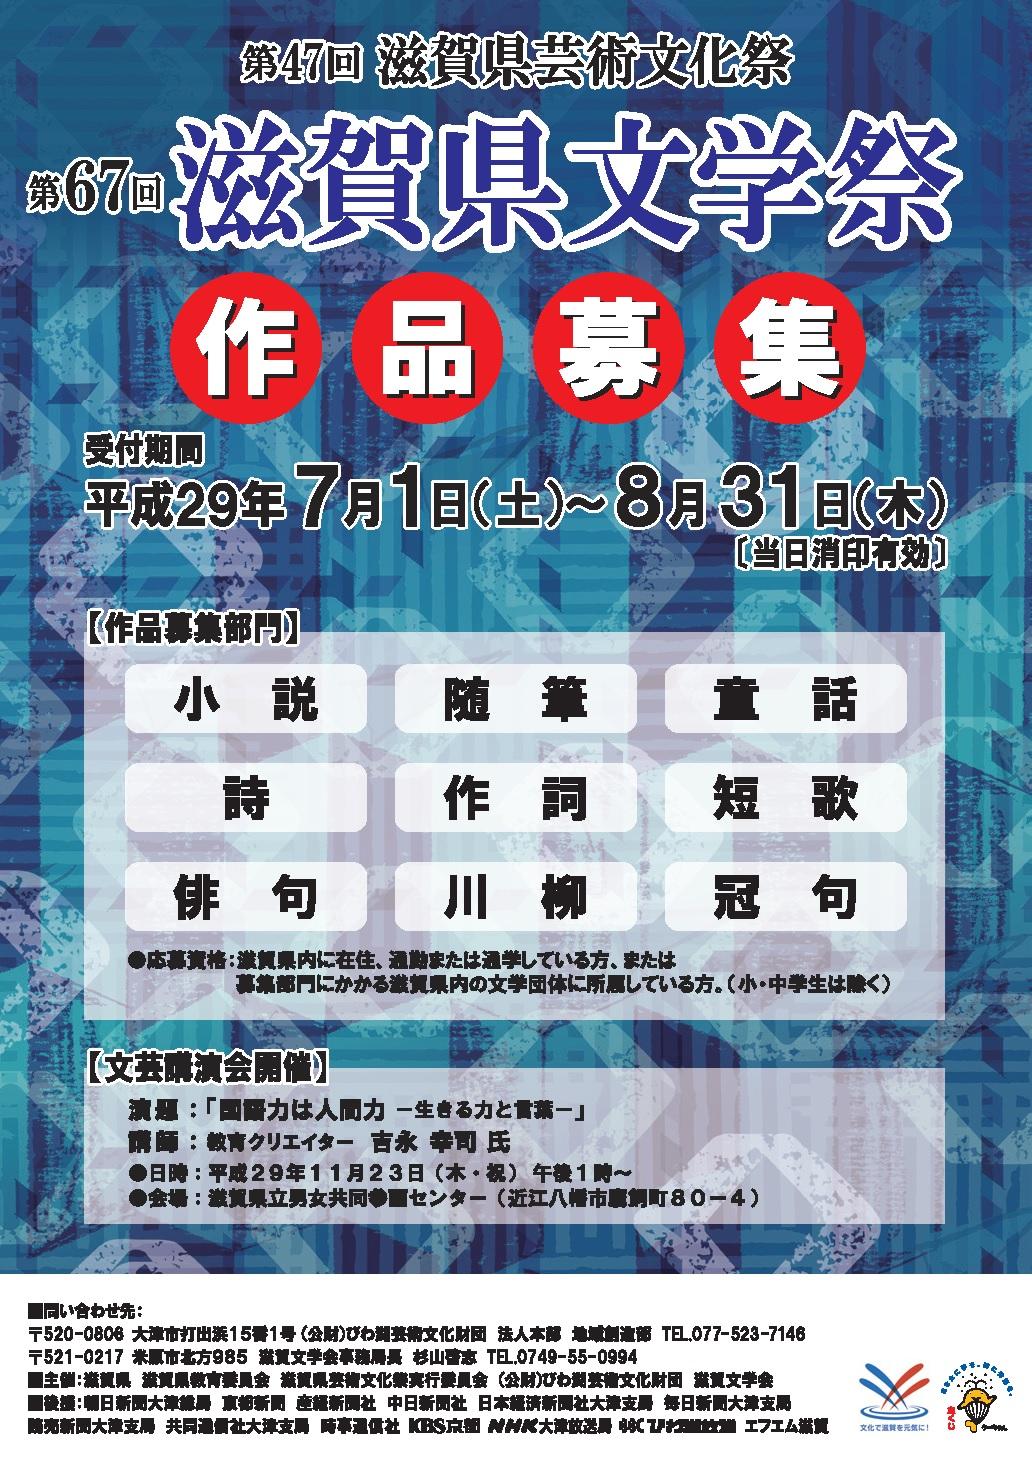 閲覧用 第67回滋賀県文学祭ポスター